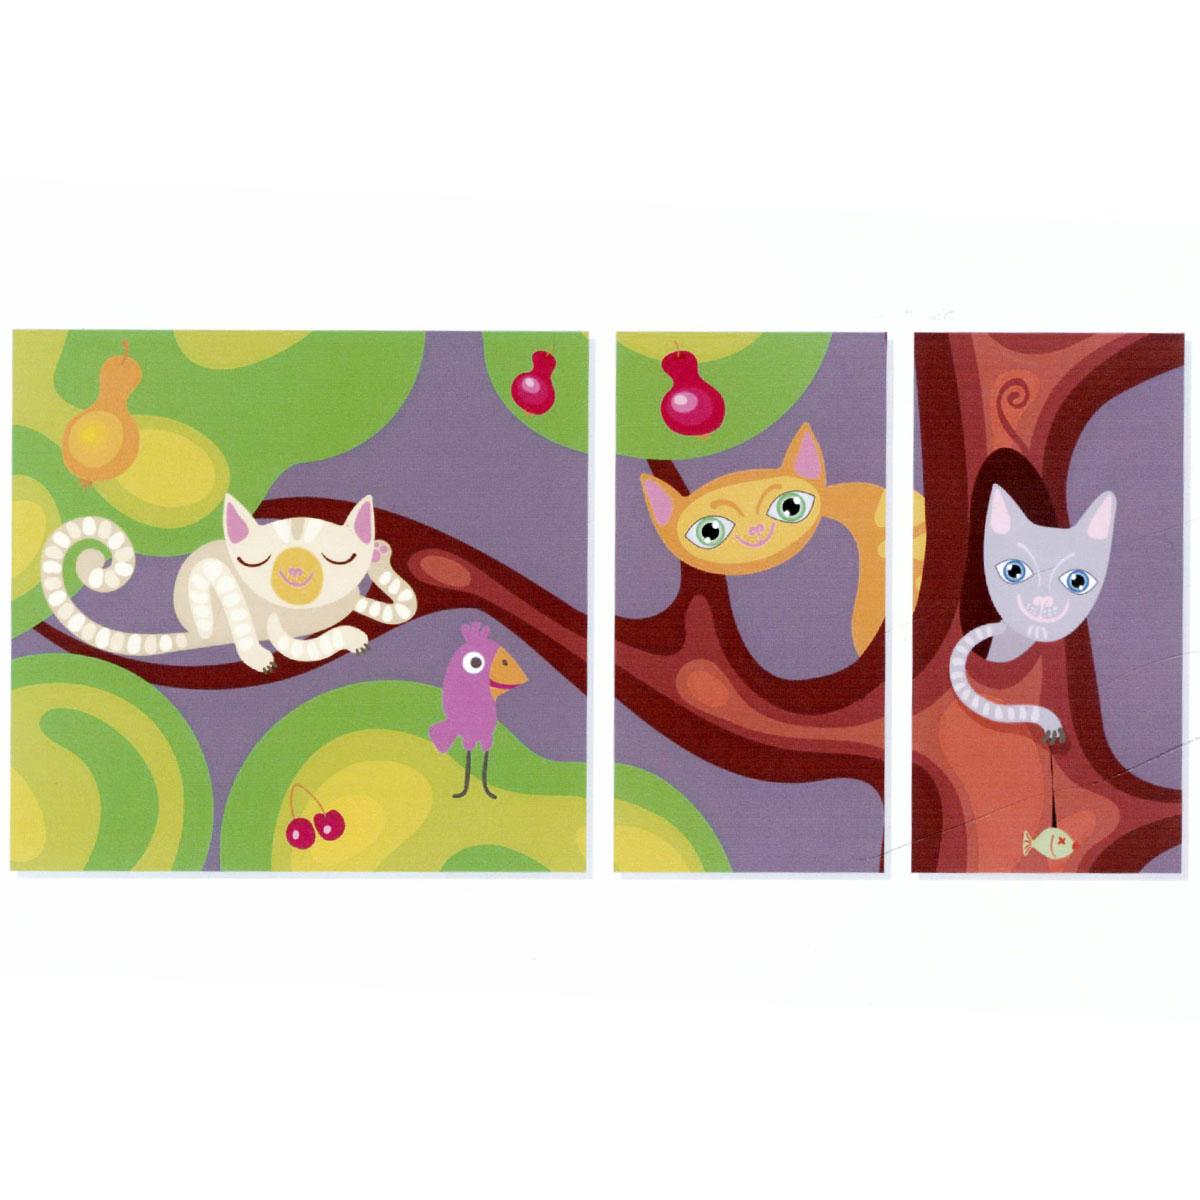 Модульная картина на холсте КвикДекор Цветные кошки, 171 см х 80 смБрелок для ключейМодульная картина на холсте КвикДекор Цветные кошки - это прекрасное решение для декора помещения. Картина состоит из трех частей (модулей) разного размера, объединенных общей тематикой. Изображение переходит из одного модуля в другой. Модули размещаются на расстоянии 2-3 см друг от друга.Латексная печать (без запаха) на натуральном х/б холсте, галерейная натяжка на деревянные подрамники из высококачественной сосны. Такая картина будет потрясающе смотреться в детской комнате. Она сделает обстановку комфортной и уютной, а яркие краски и интересное оформление обязательно понравятся вашему малышу. Картина в стрейч-пленке с защитными картонными уголками упакована в гофрокоробку с термоусадкой. Размер модулей: 85 см х 80 см (1 шт); 40 см х 80 см (2 шт). Количество модулей: 3 шт. Общий размер картины: 171 см х 80 см. Художник: Анна Морозова.